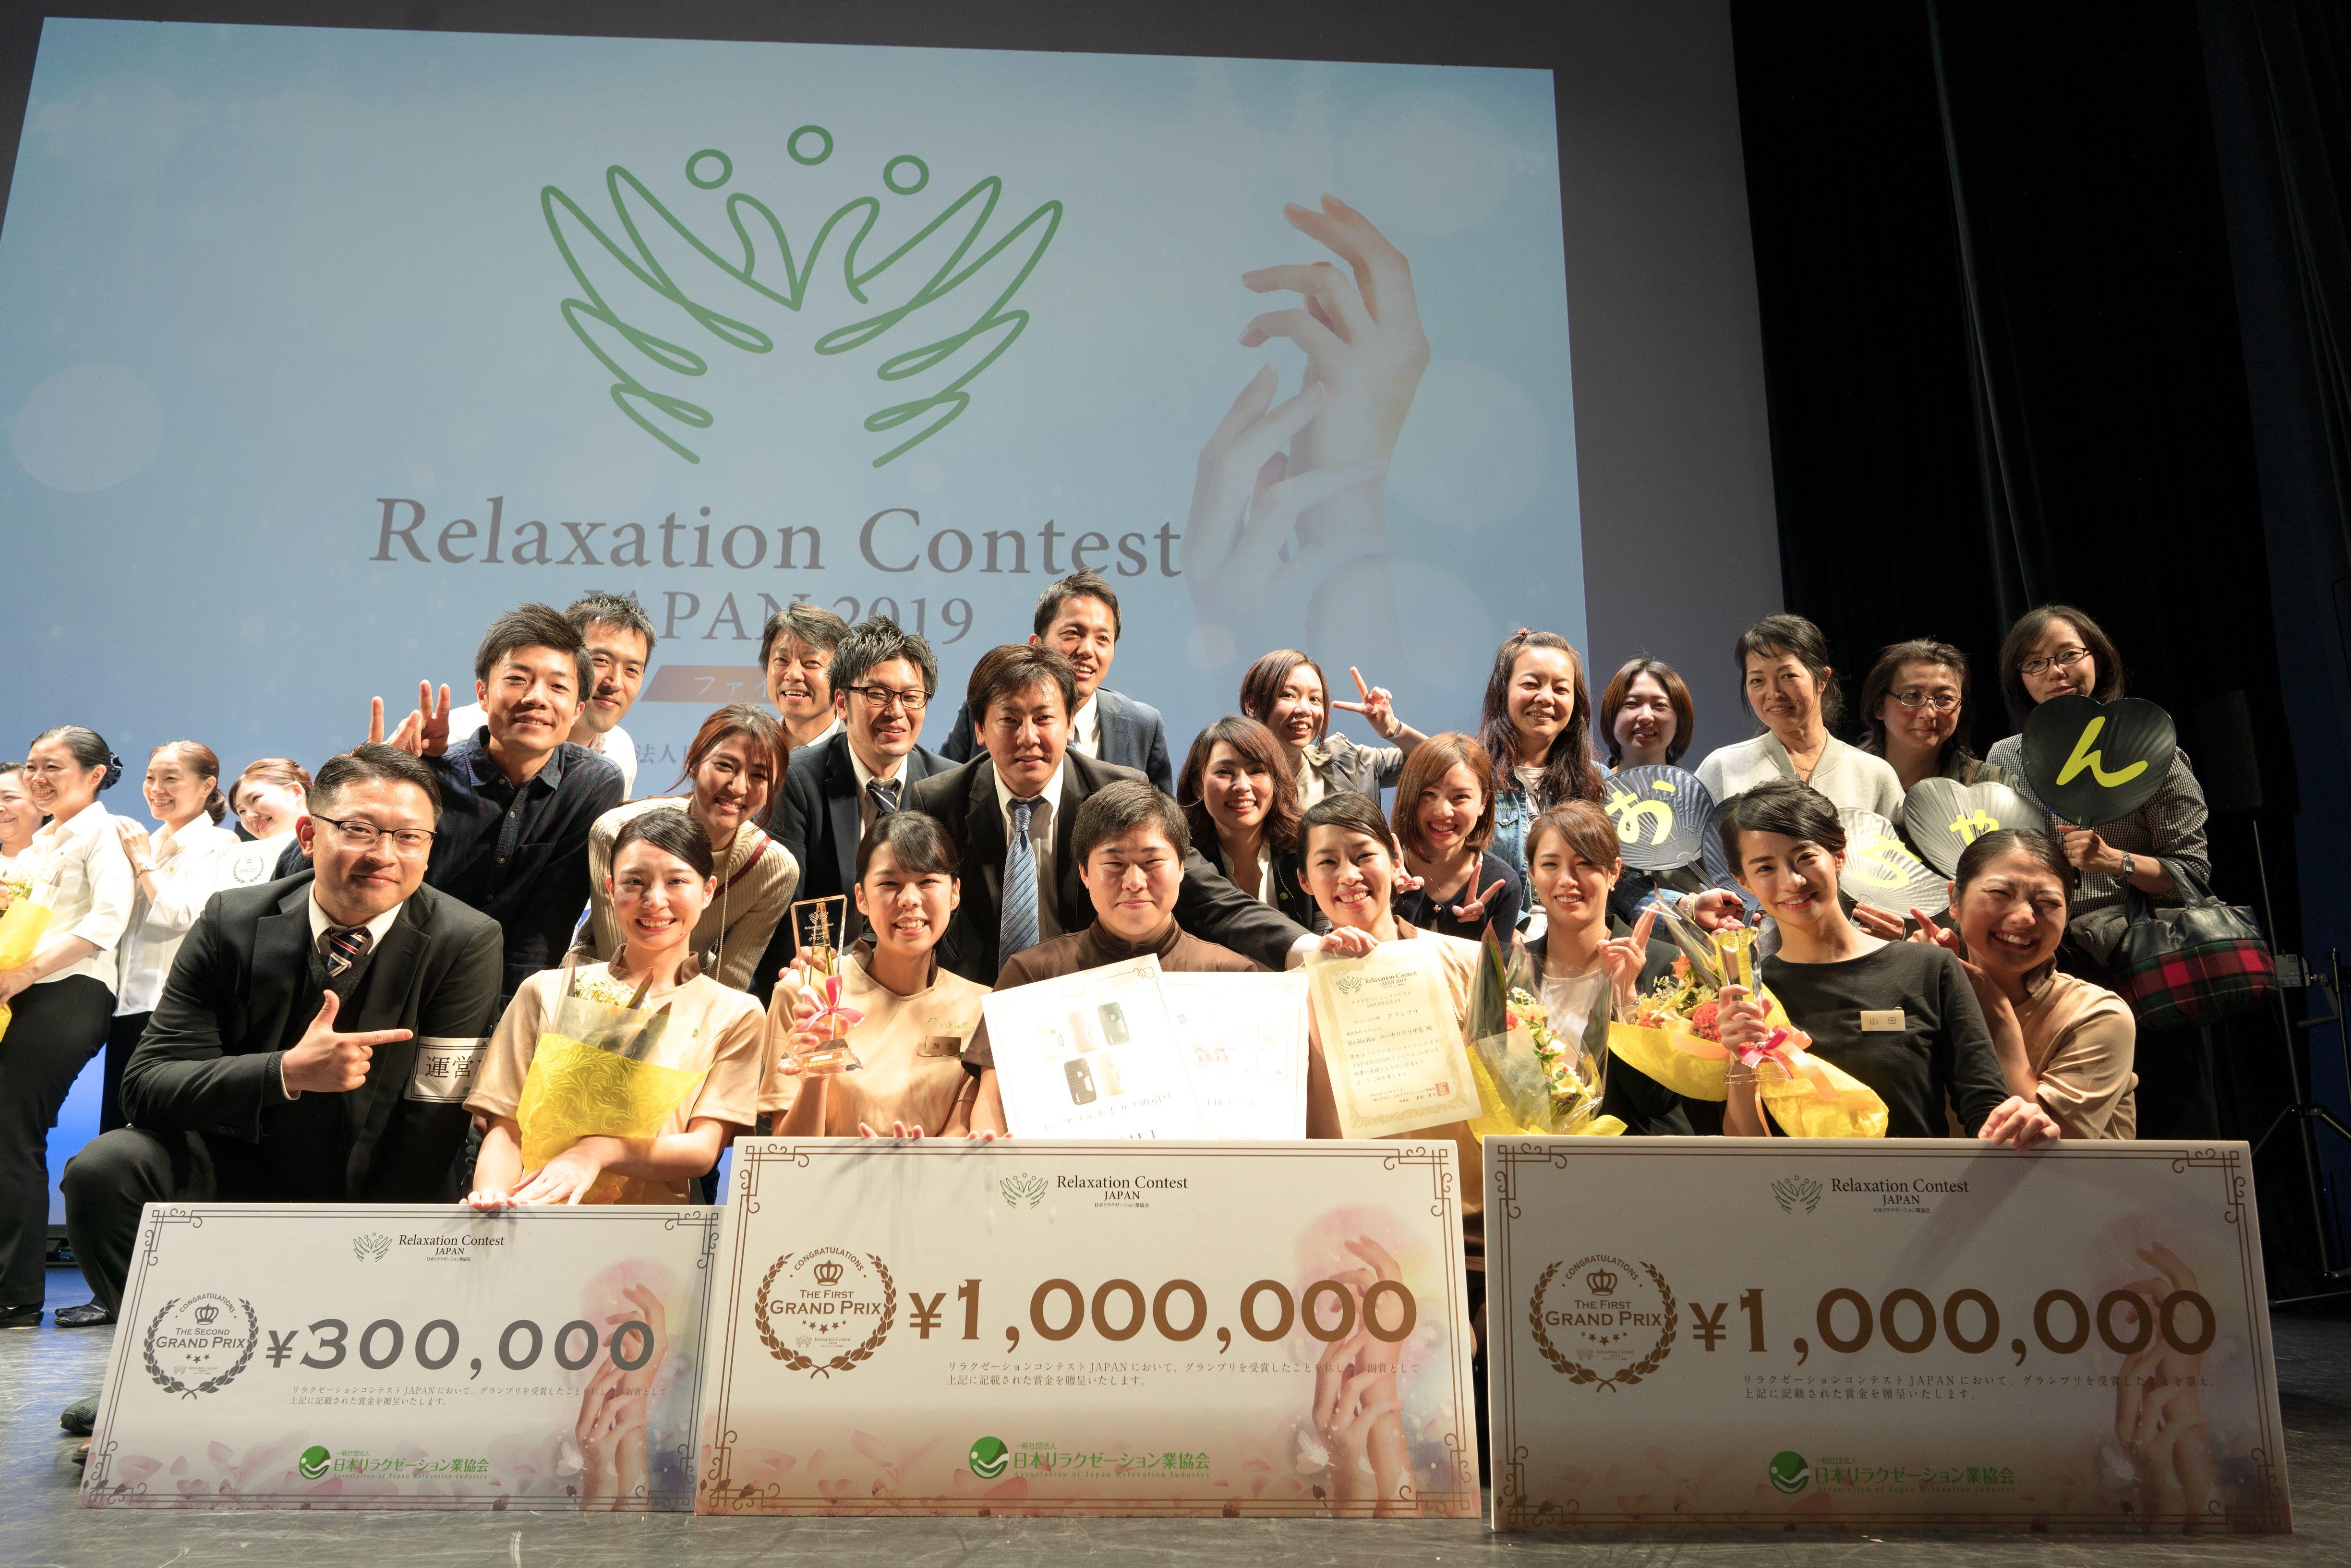 リラクゼーションコンテストJAPAN2019にてグランプリを受賞しました